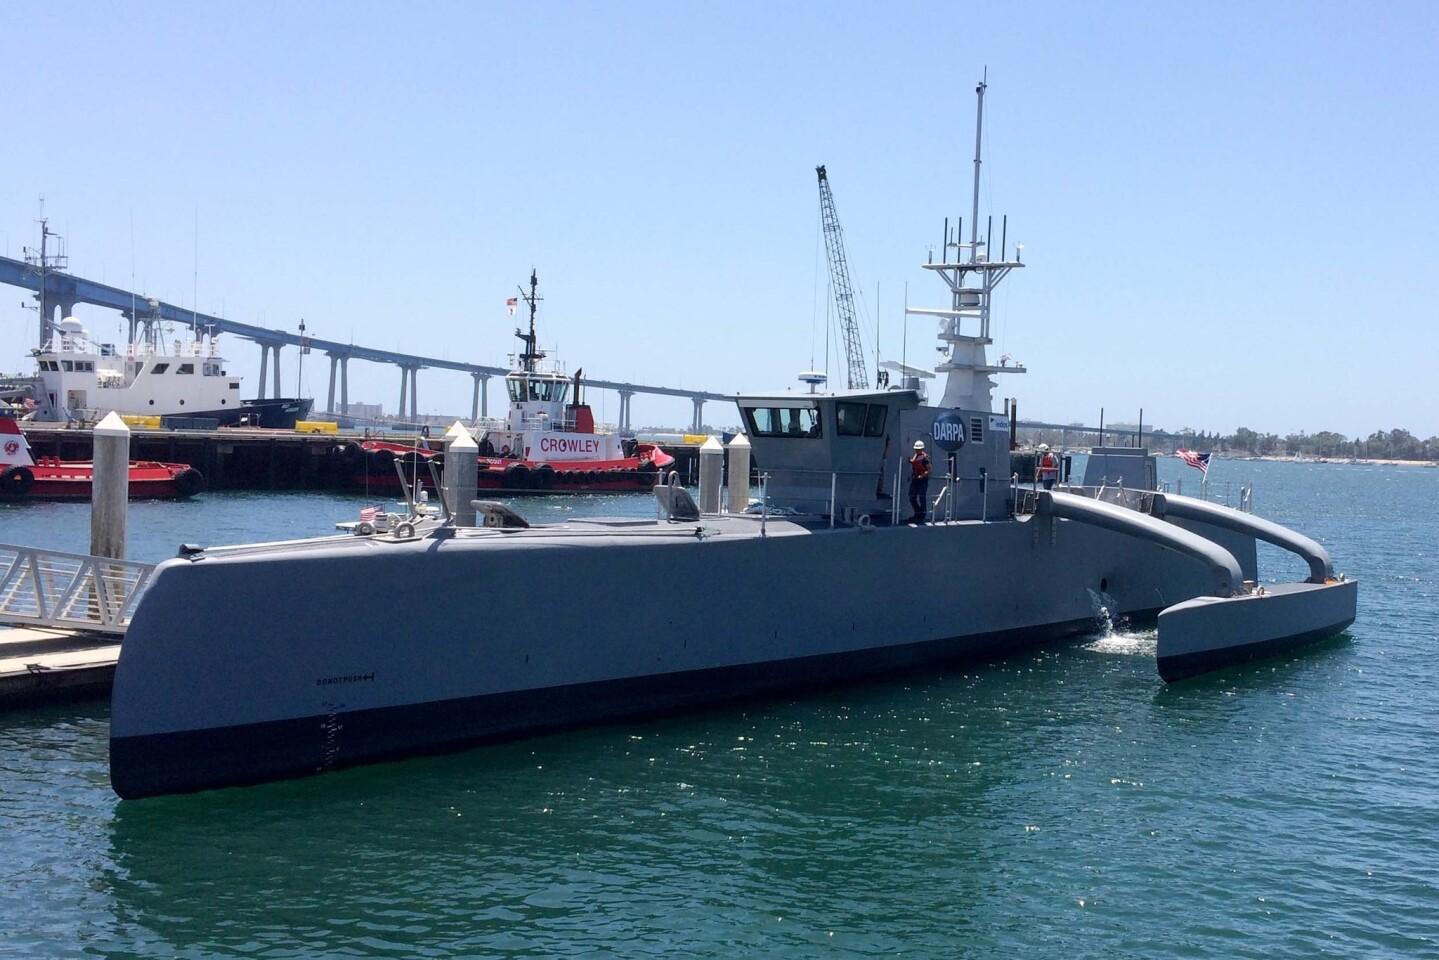 Una embarcación militar autónoma de 132 pies en una terminal marítima en San Diego. (AP Photo/Julie Watson)